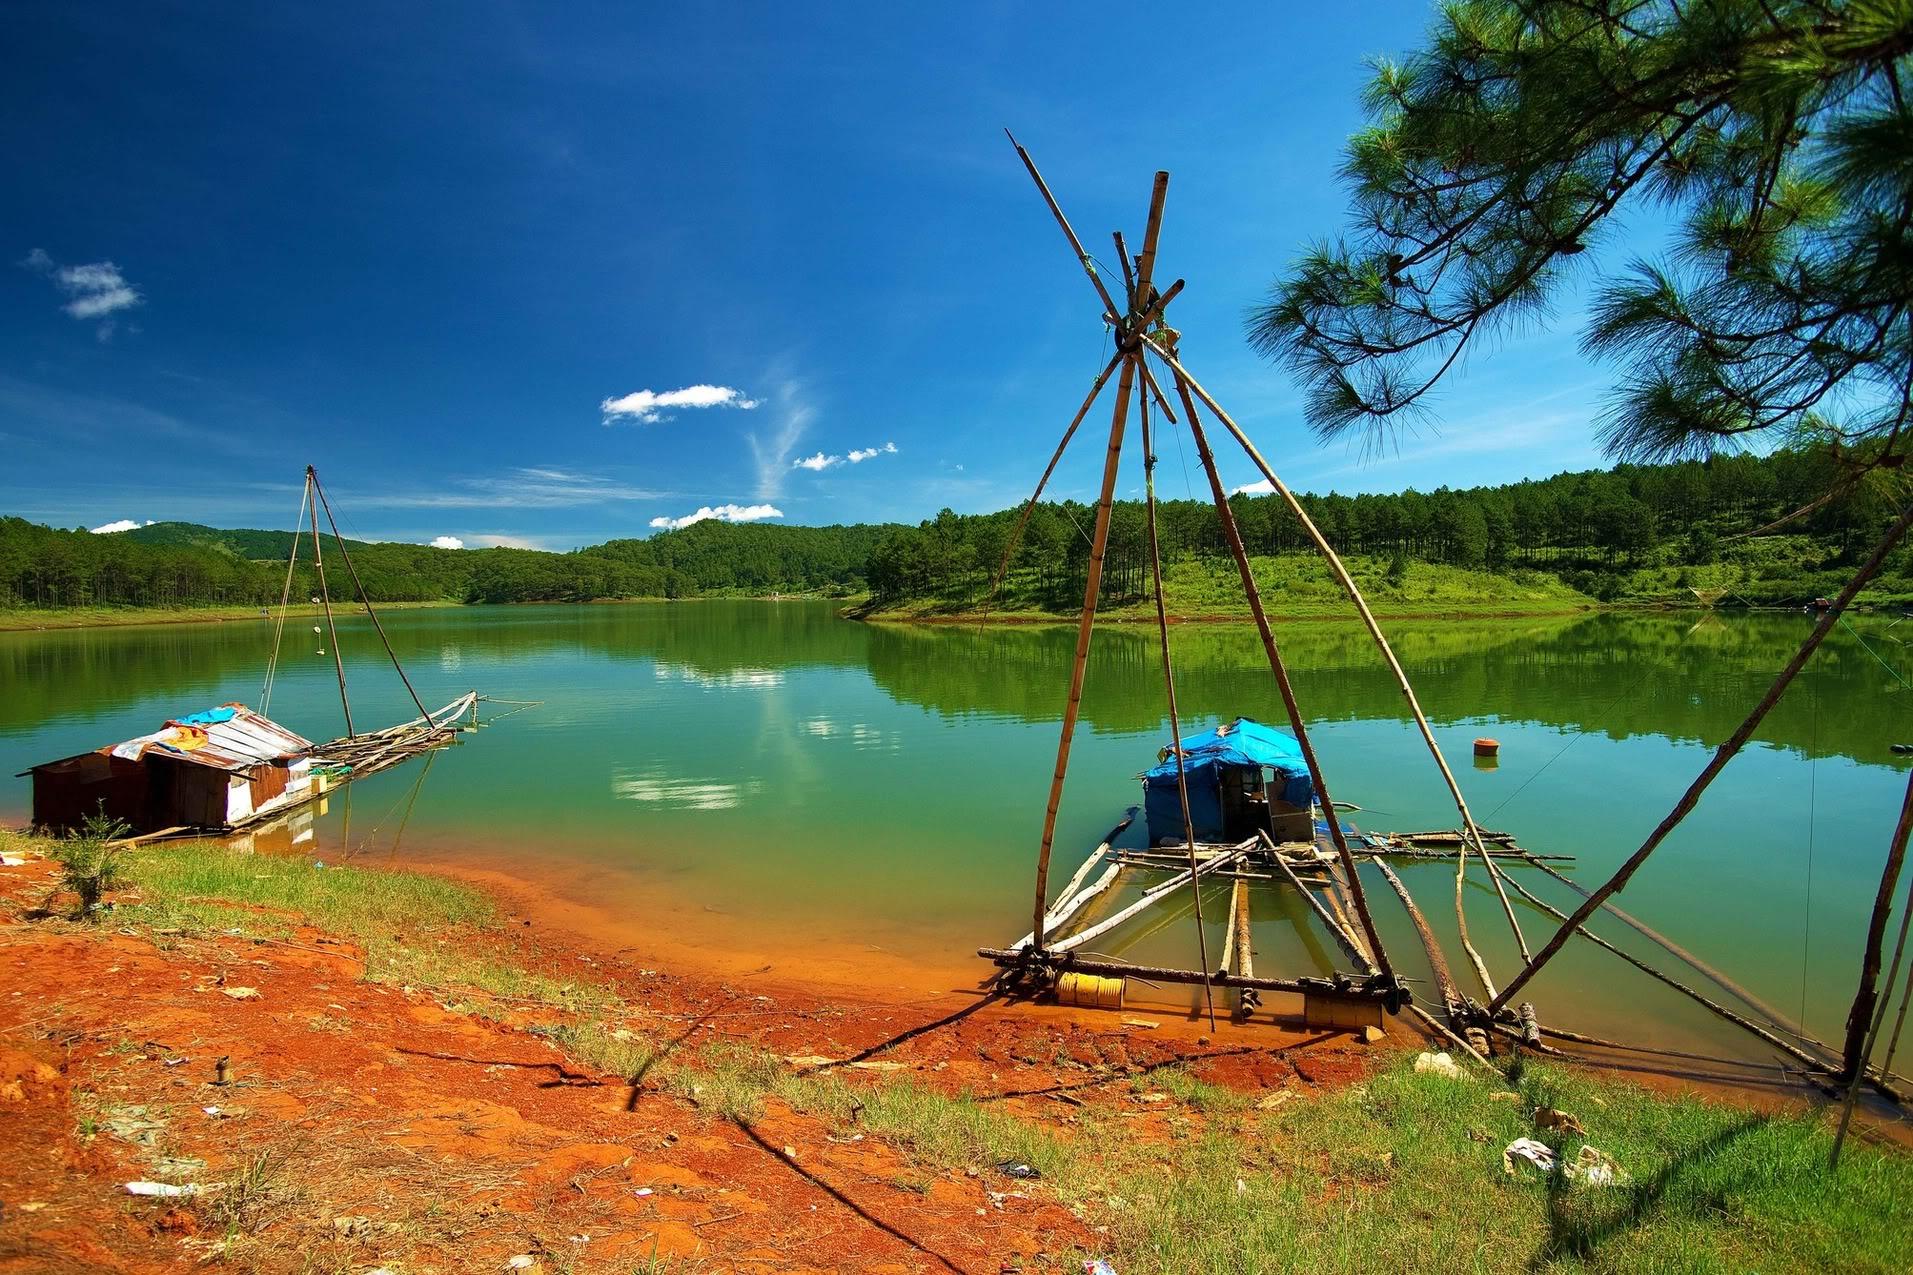 câu cá giải trí ở Đà lạt-2